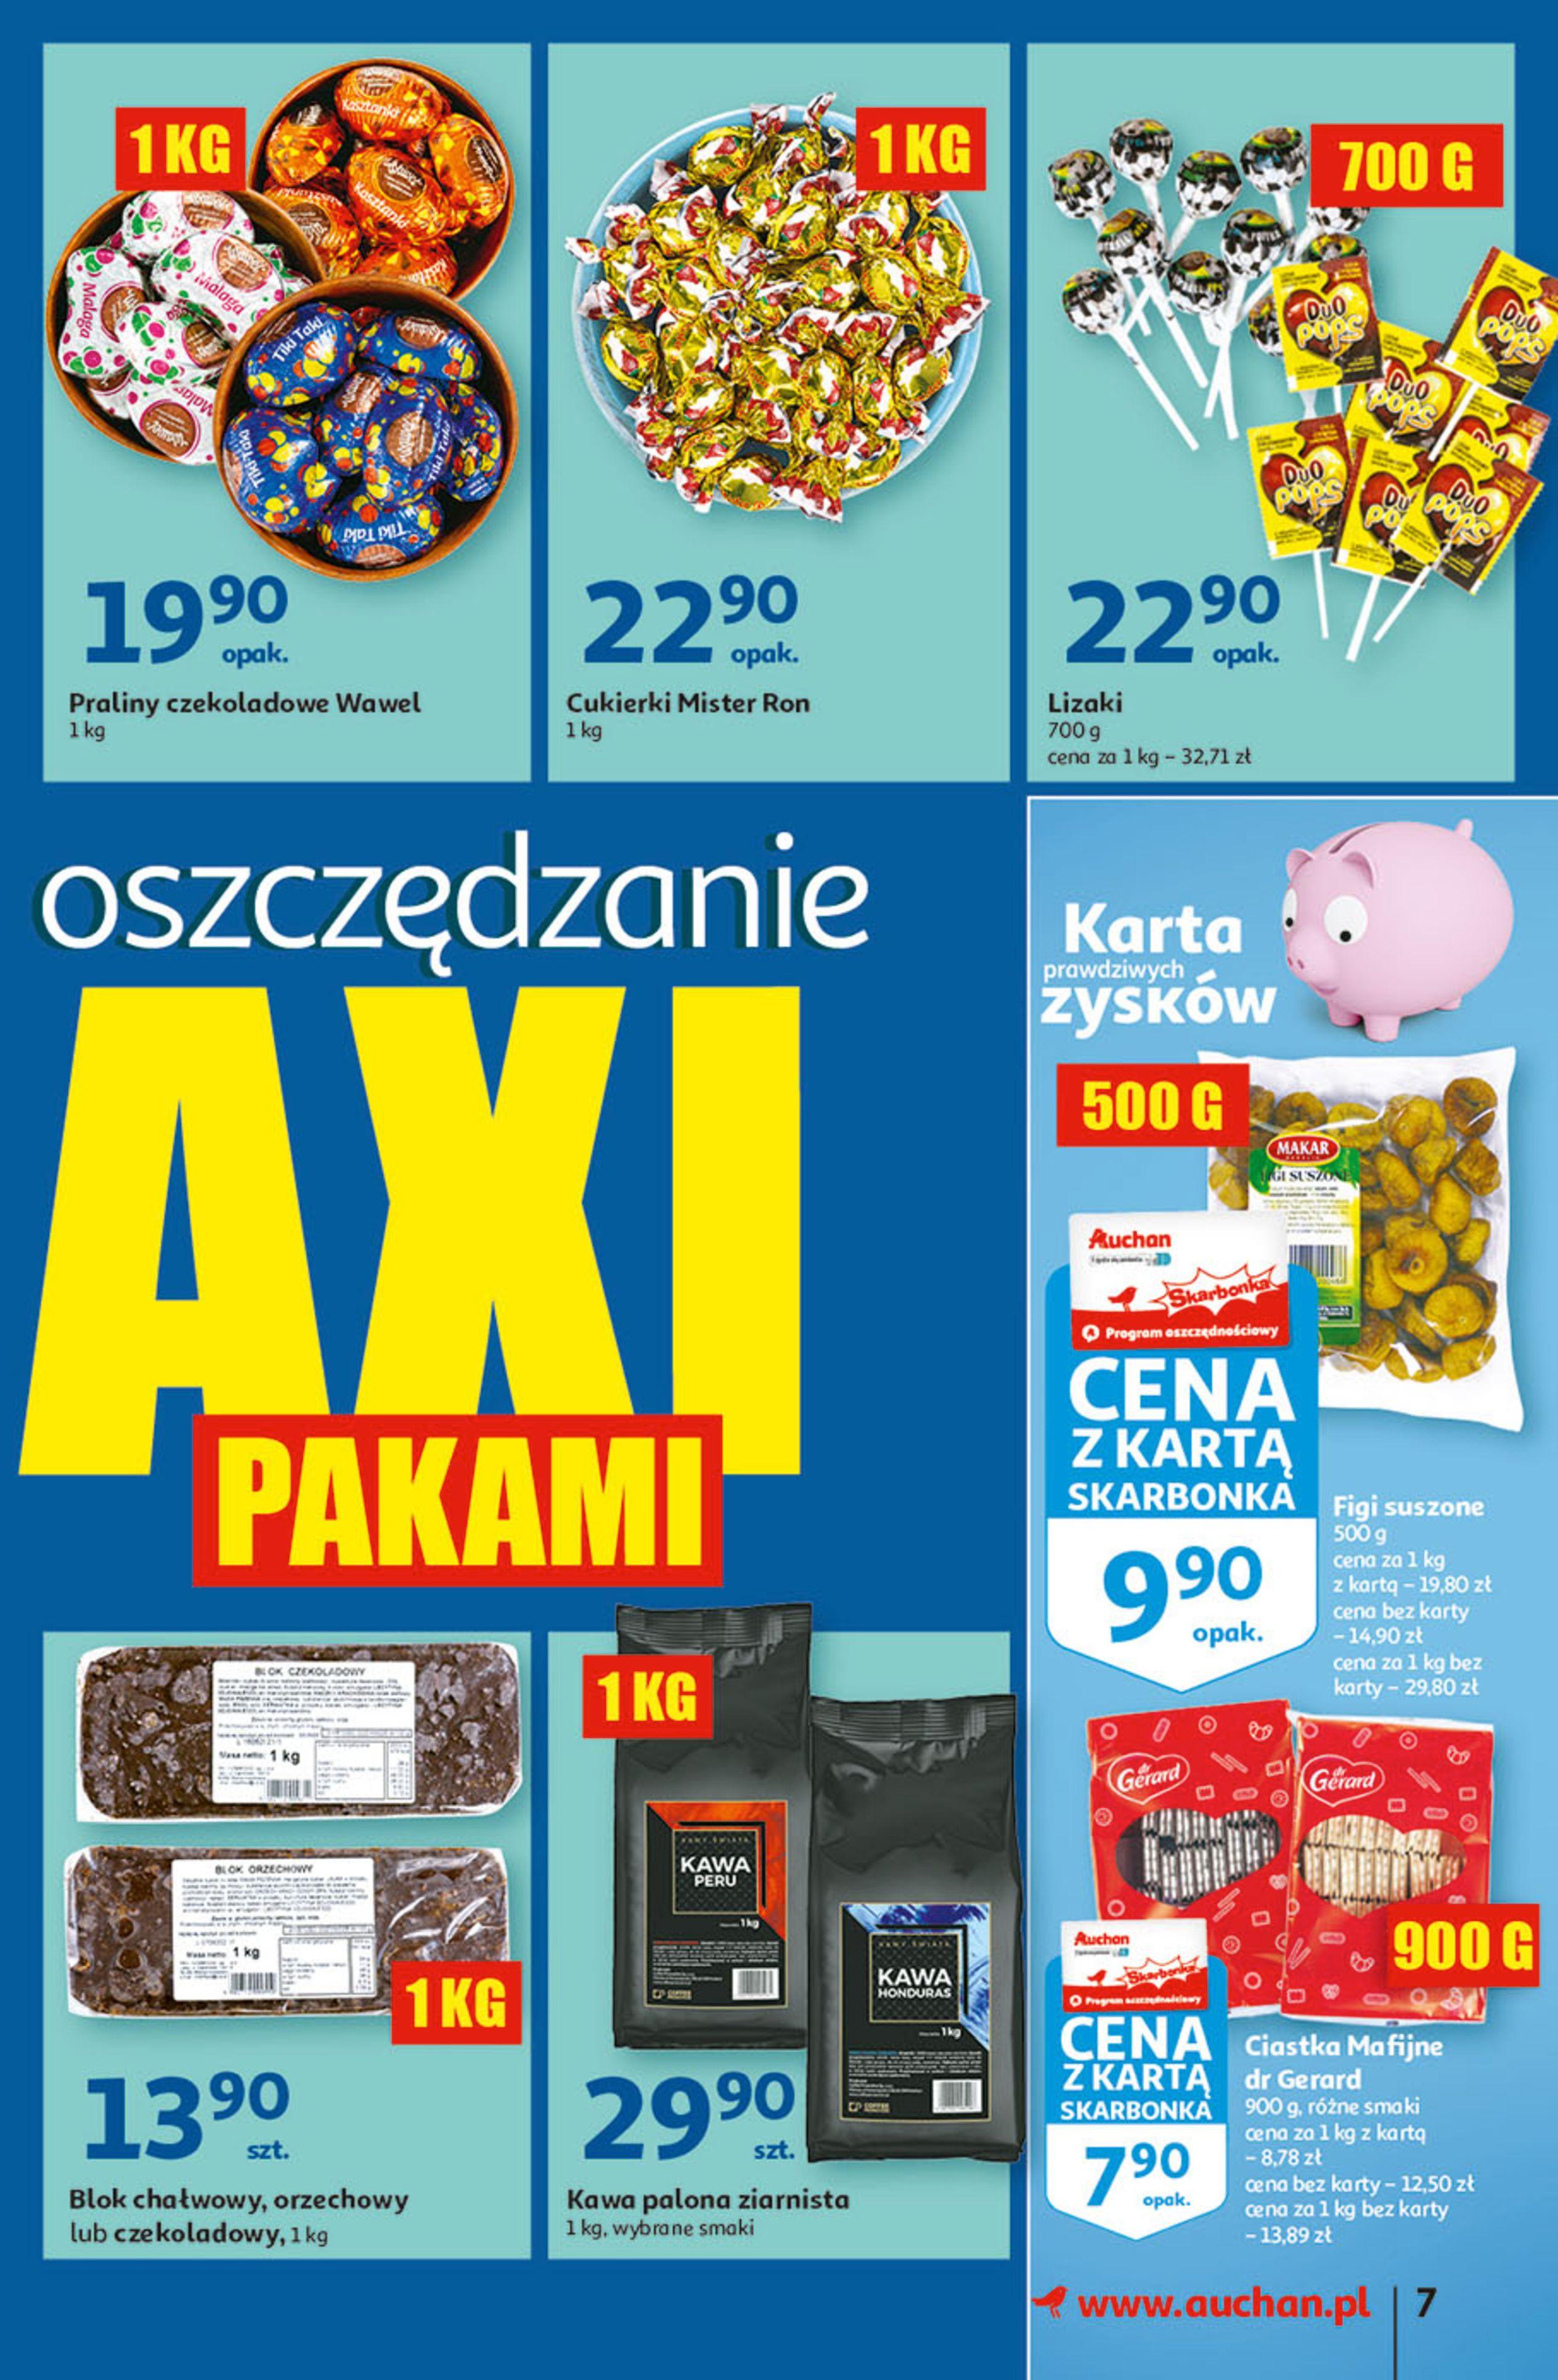 Gazetka Auchan: Gazetka Auchan - Hiperoszczędzanie w wersji Maxi Paki Hipermarkety 2021-09-16 page-7